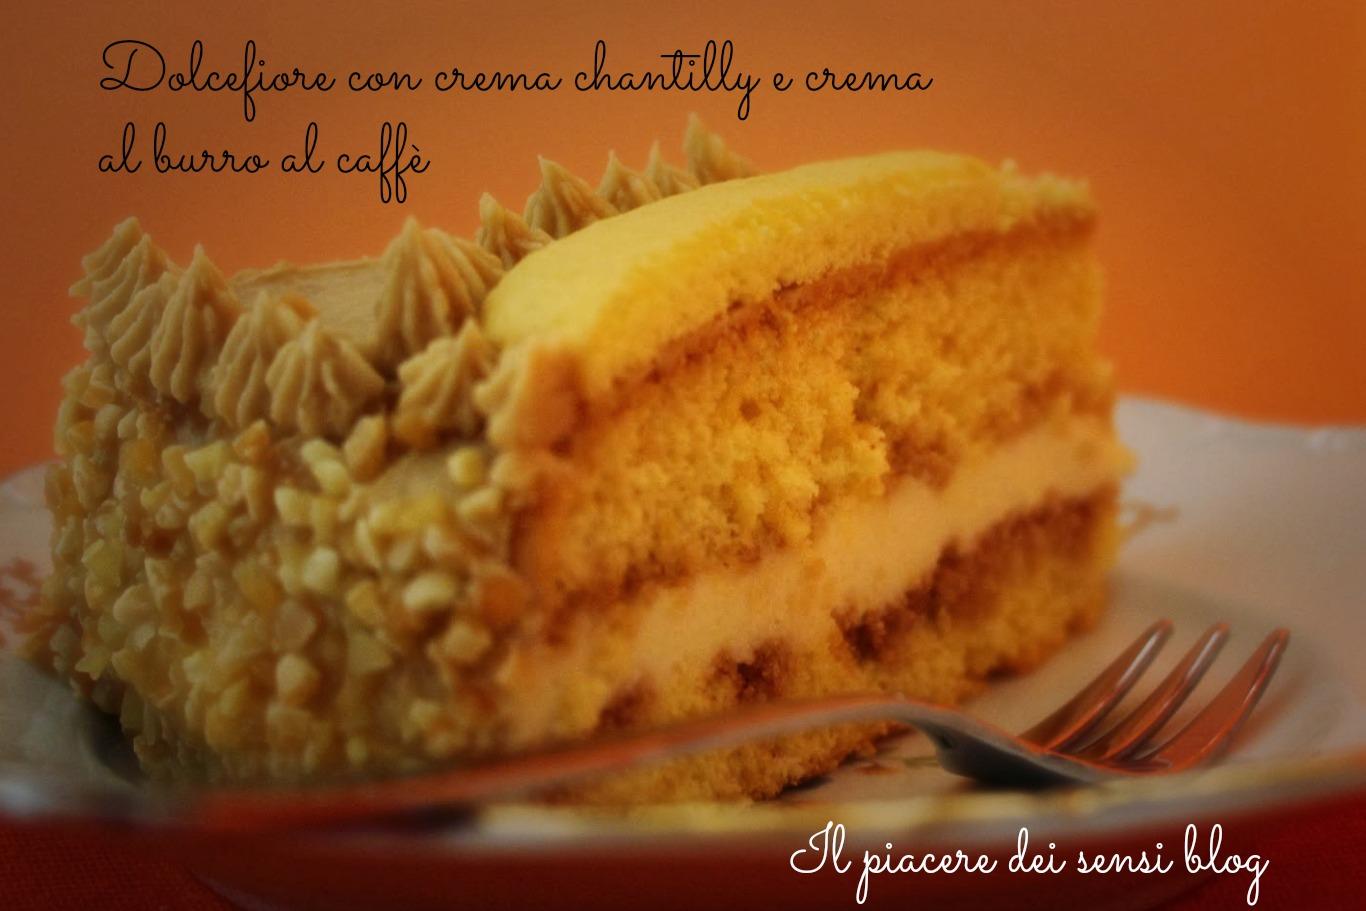 Fetta dolcefiore torta compleanno con crema chantilly e crema al burro al caffè